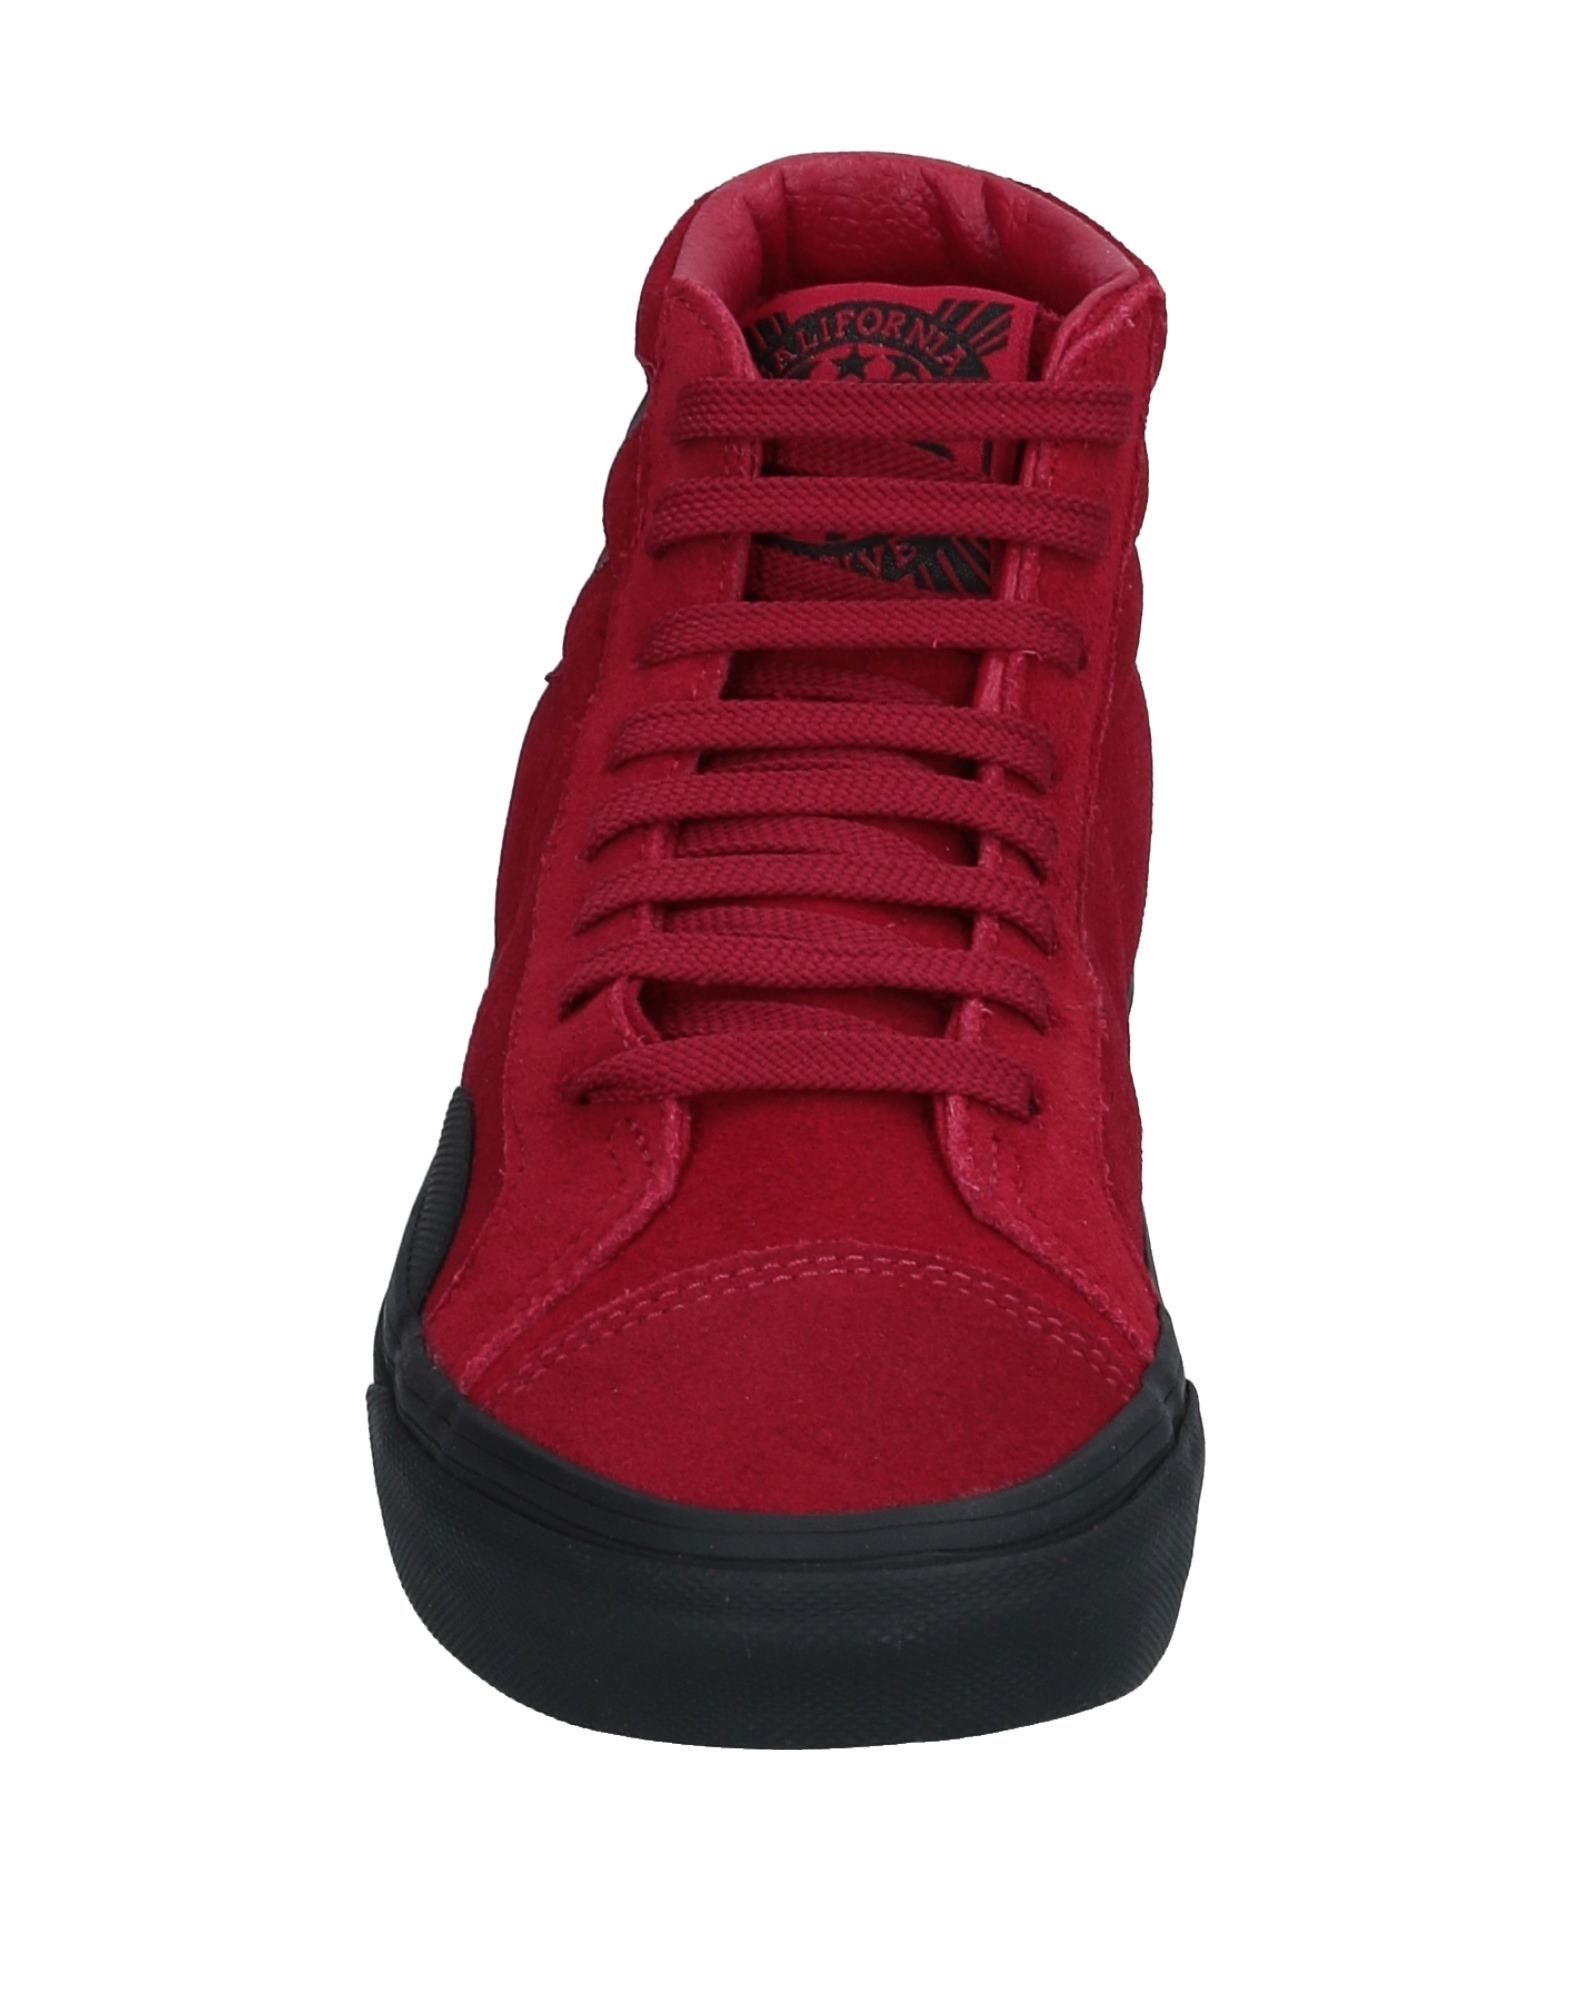 Vans Sneakers Damen   Damen 11518796PH Gute Qualität beliebte Schuhe 2afe20